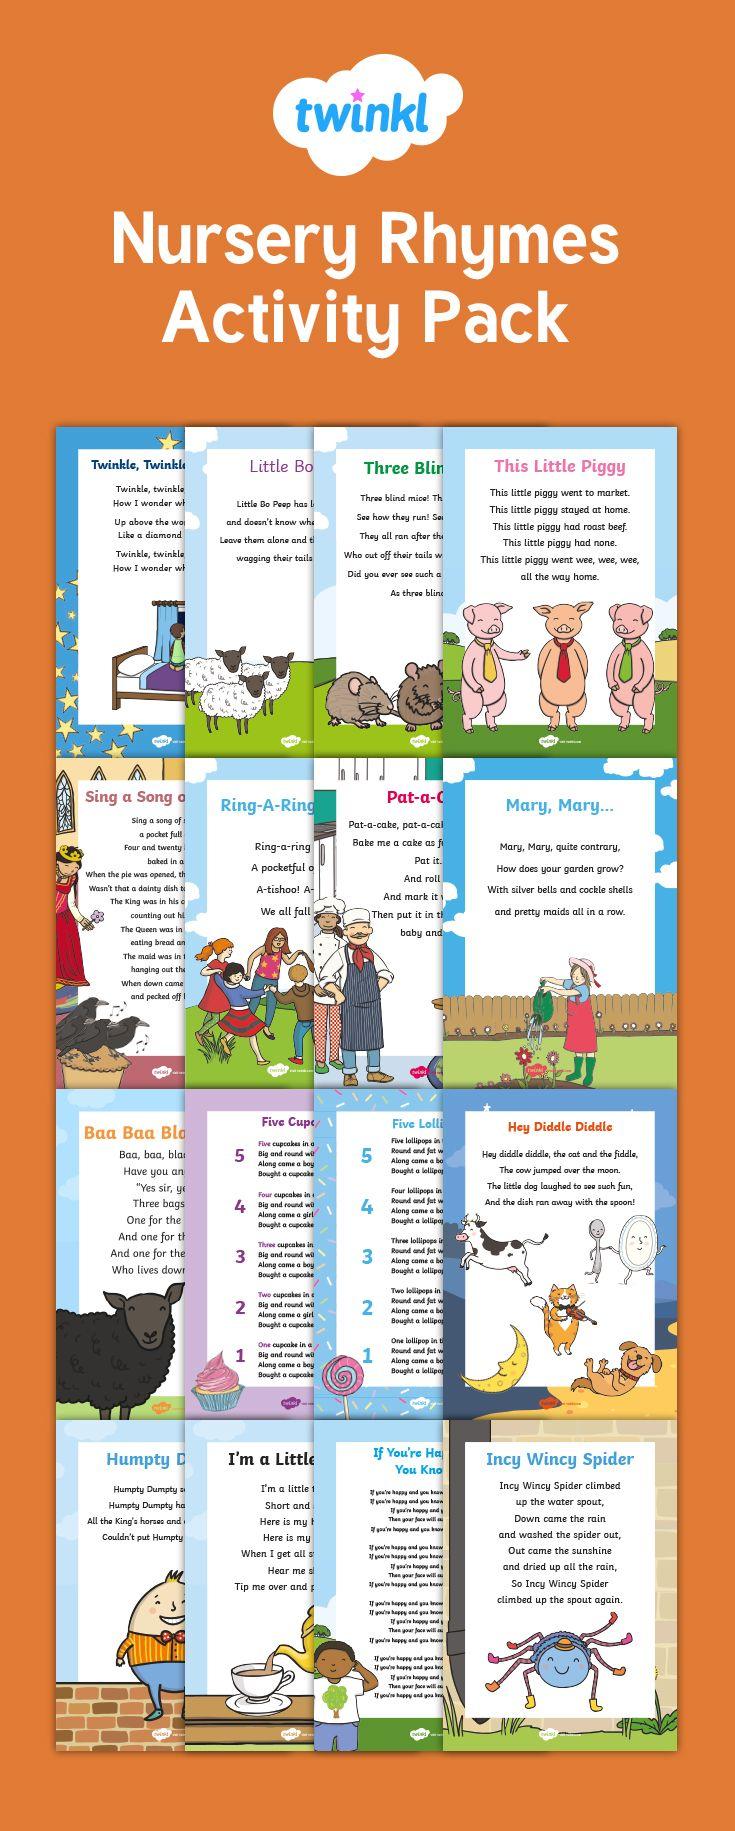 Nursery Rhymes Activity Pack